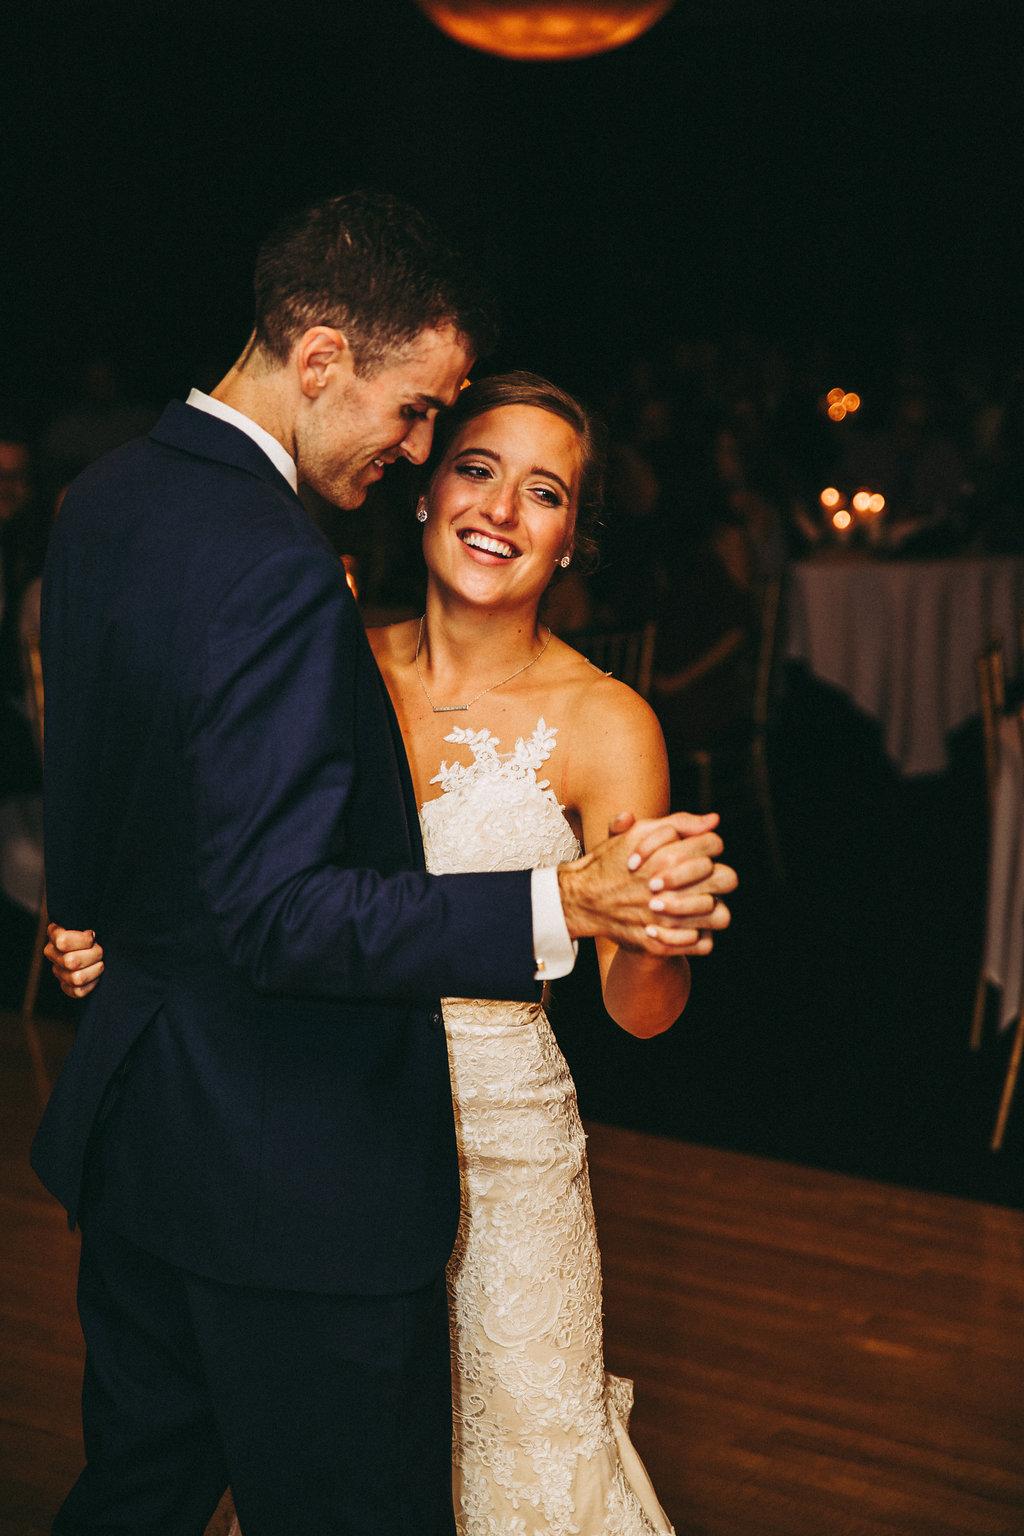 katlyn+patrick+wedding-232.jpg